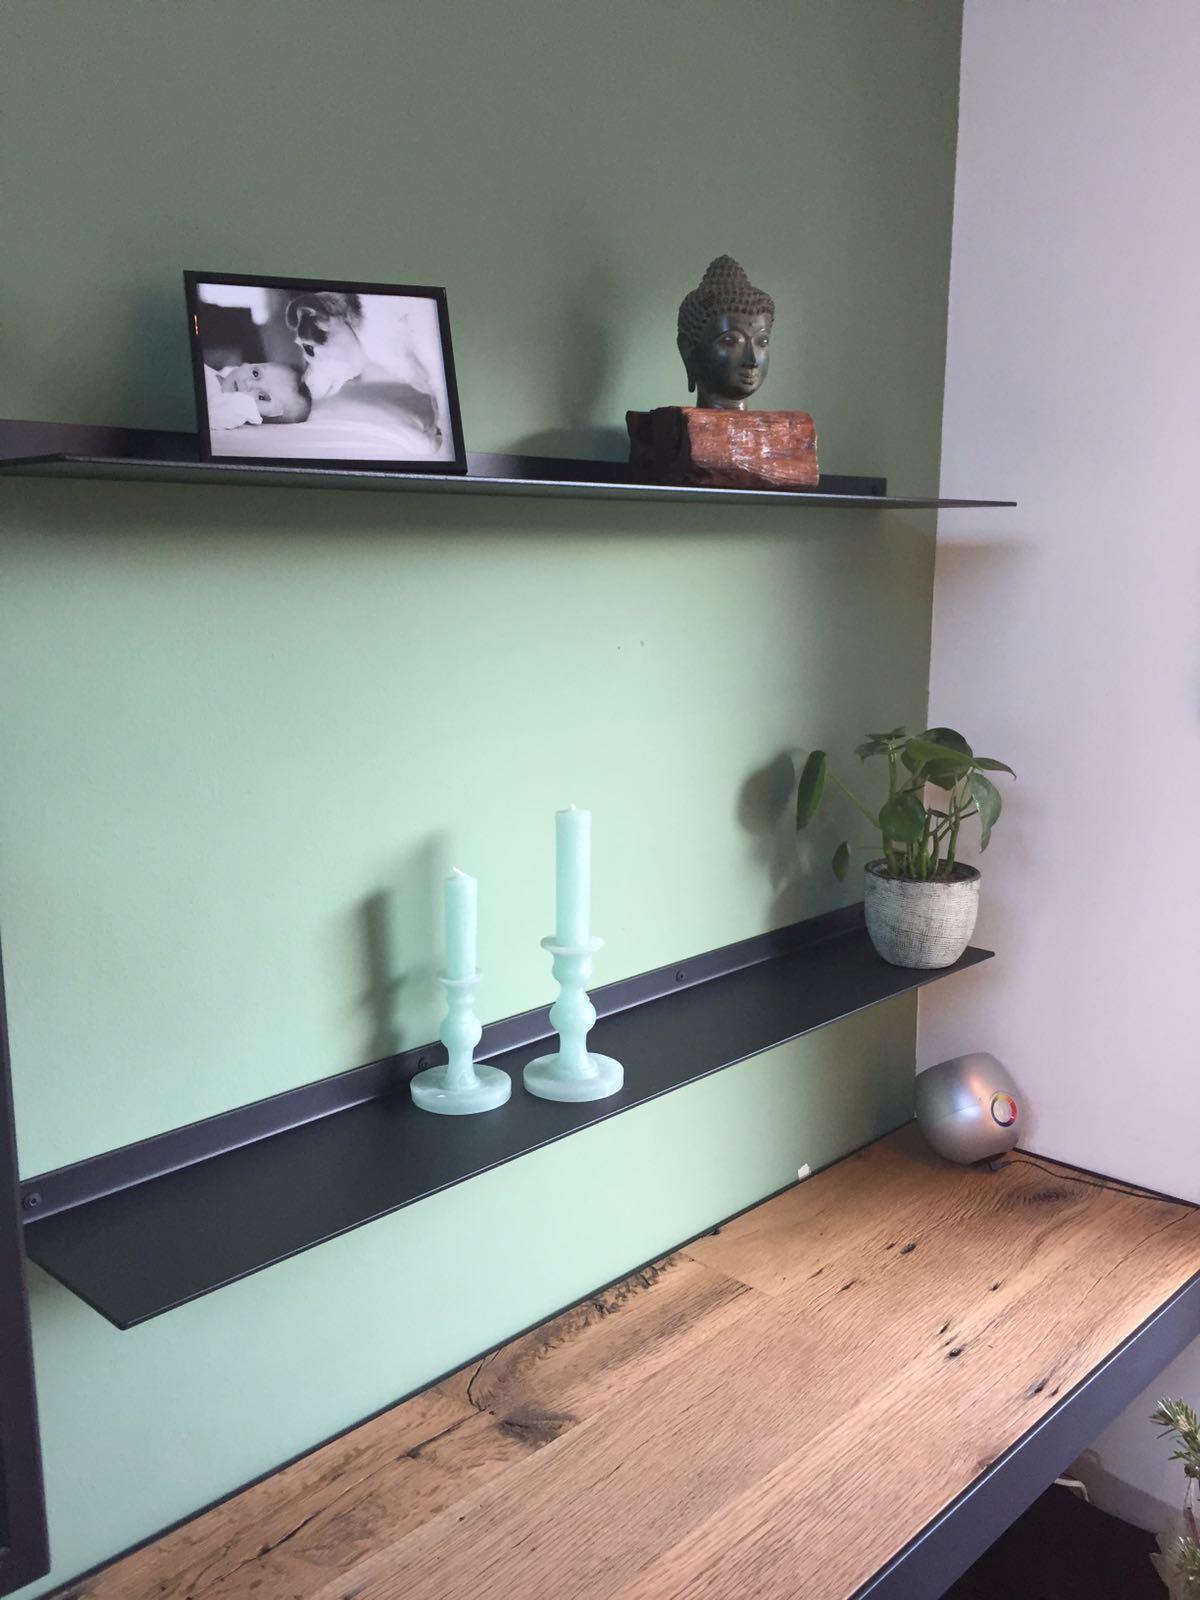 Robuust maatwerk meubelen wandmeubel robuust maatwerk meubelen - Plank wandmeubel ...